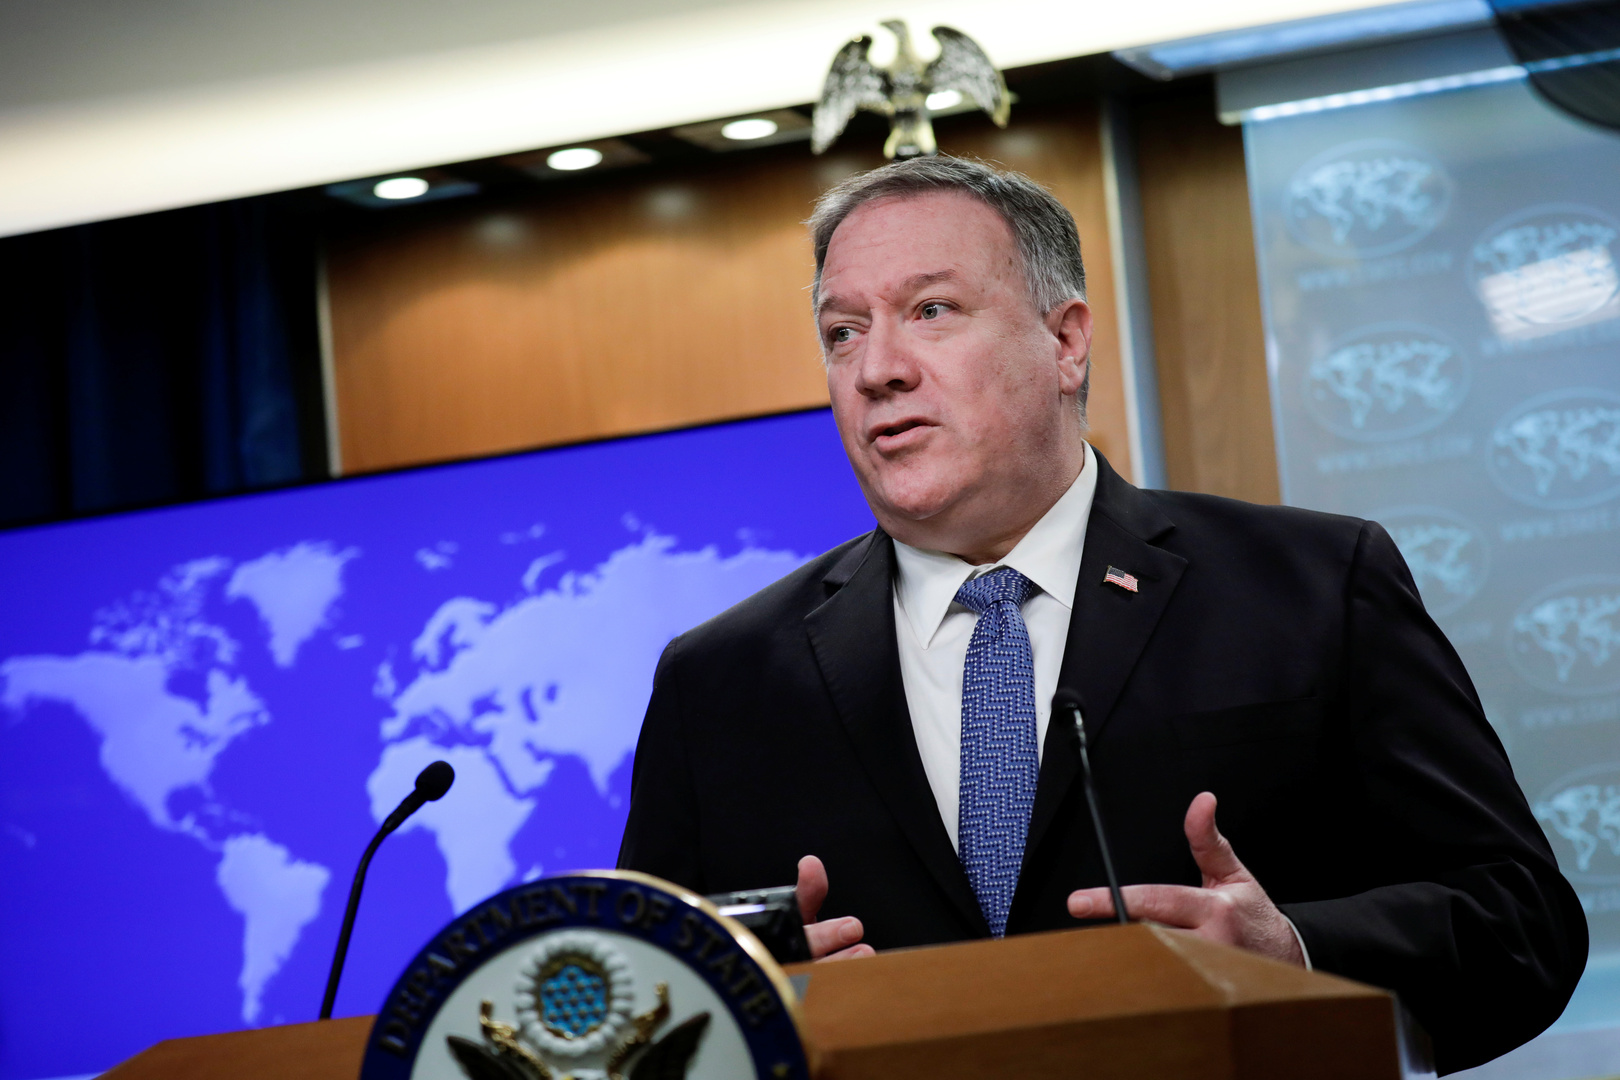 الولايات المتحدة: لدى تركيا حق كامل في حماية مصالحها بسوريا في ظل تصرفات الأسد